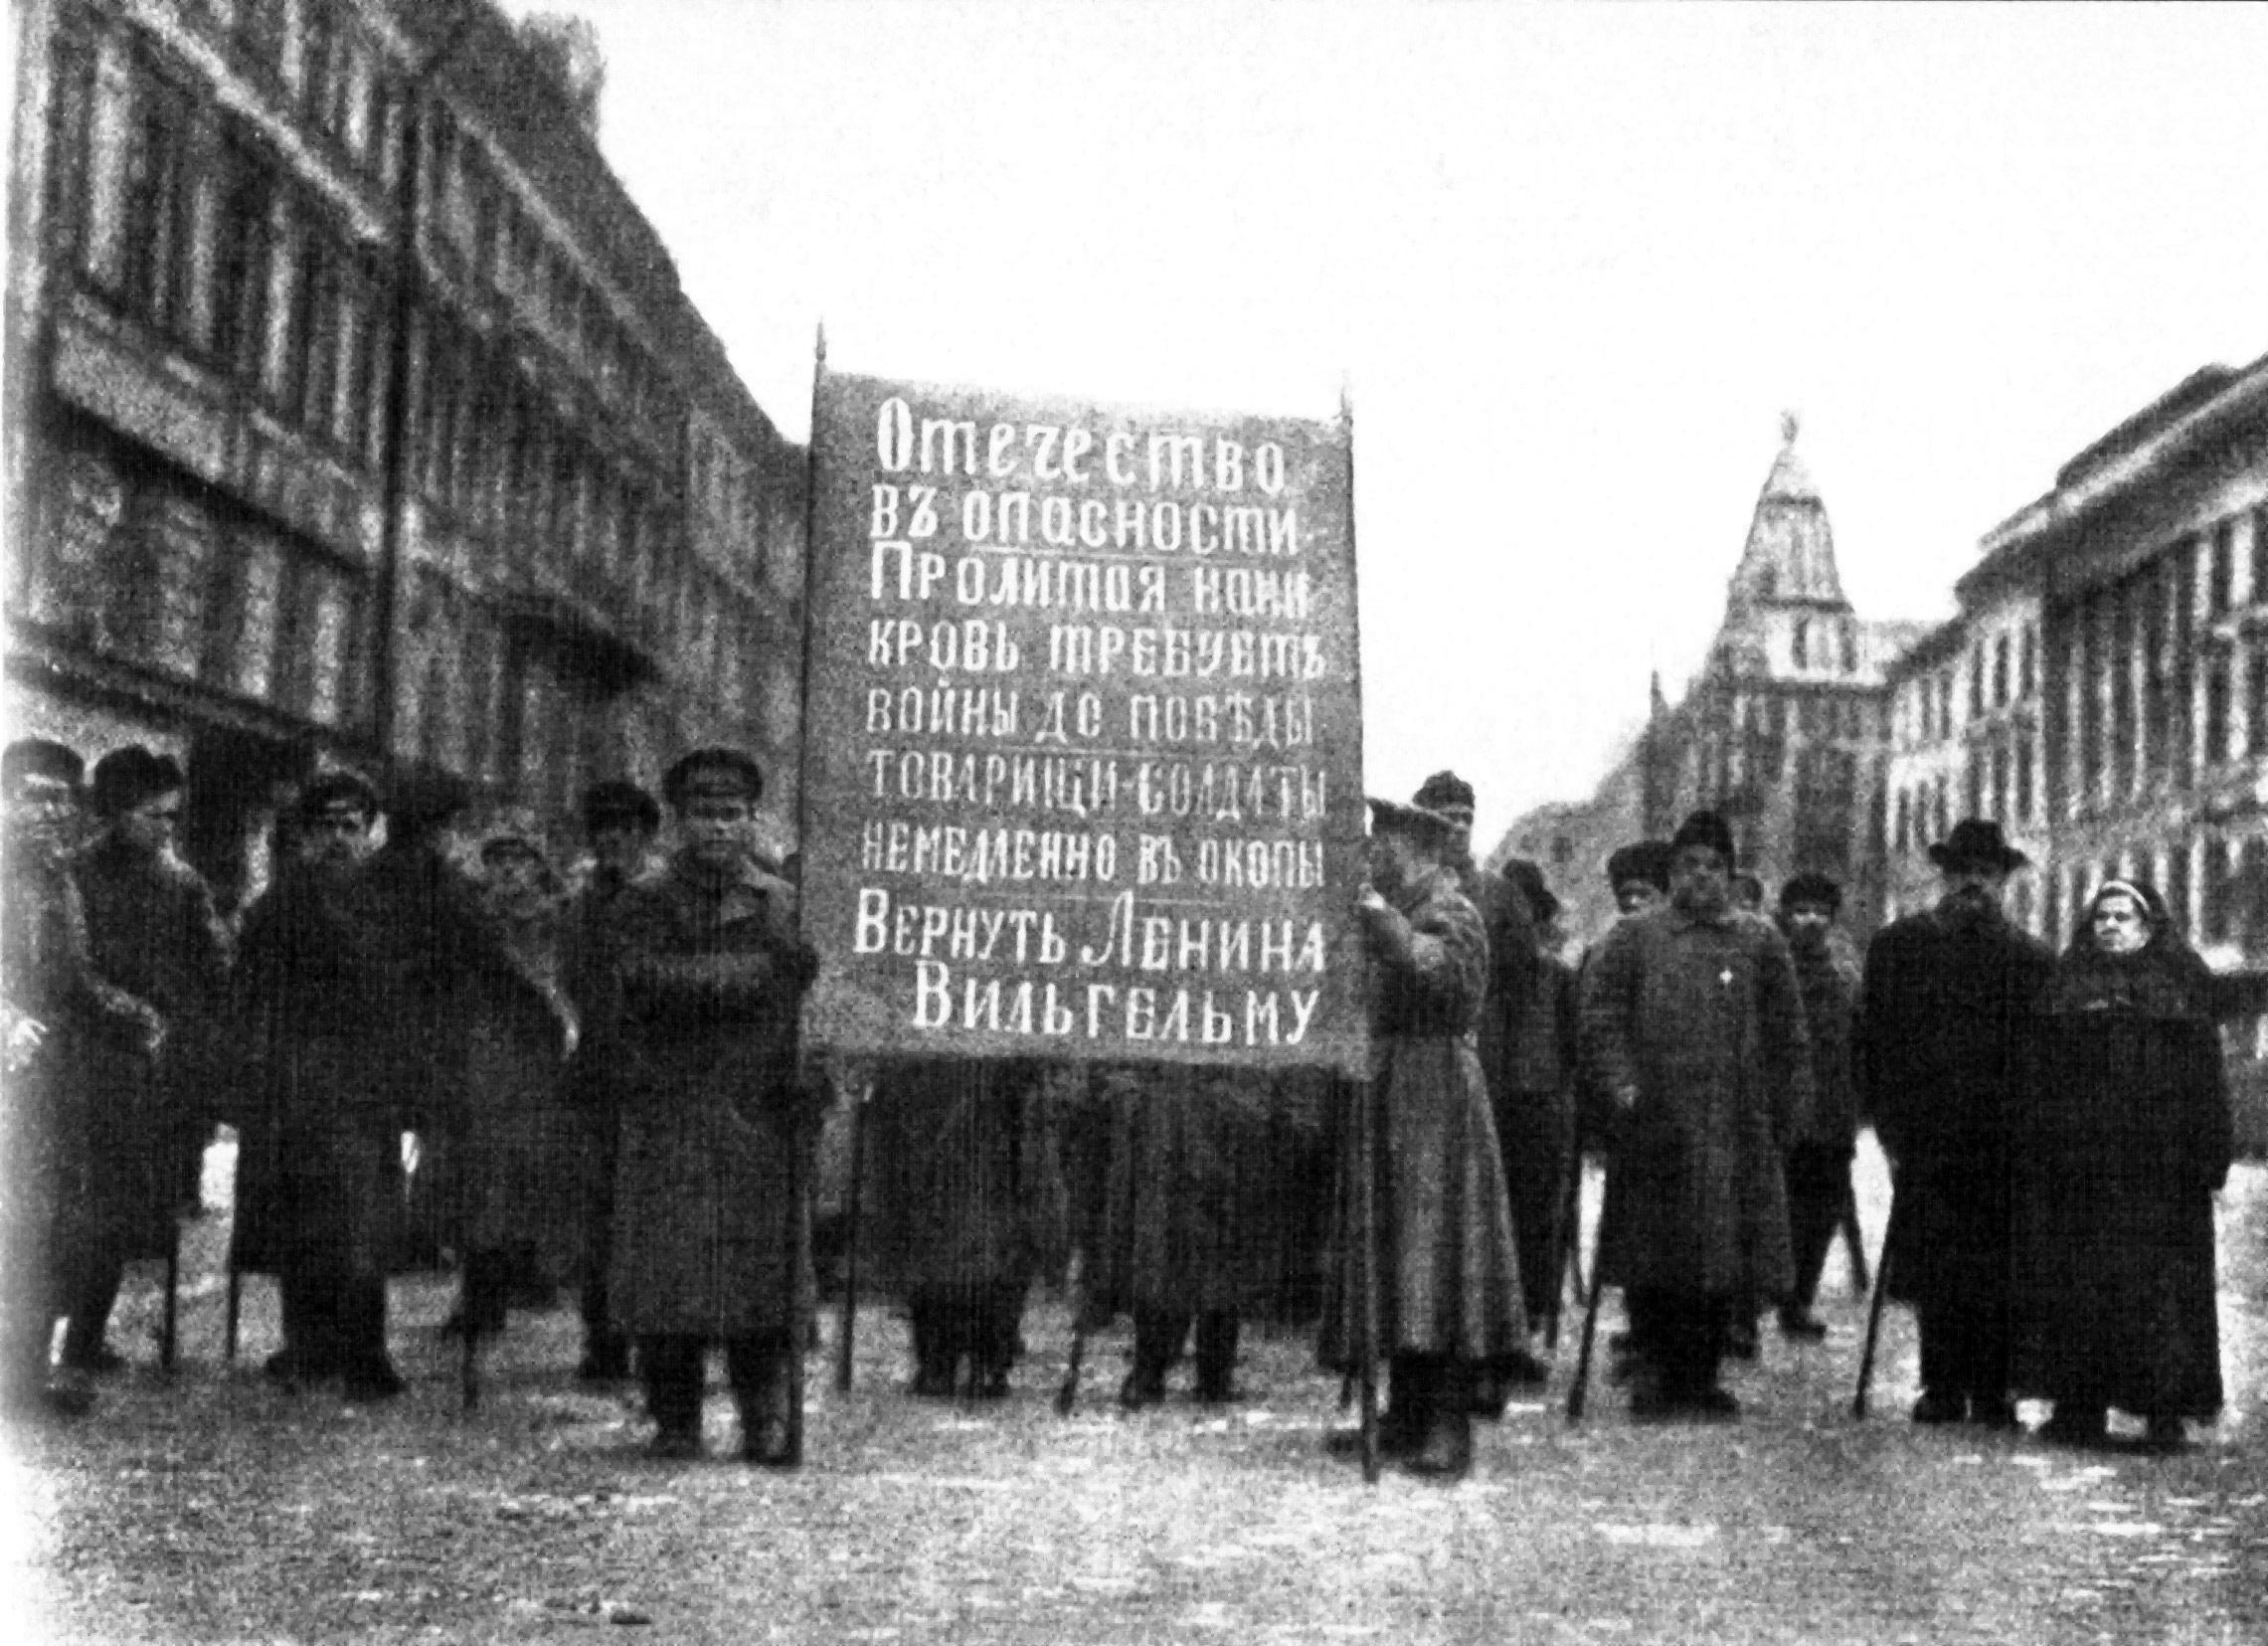 Вернуть-Ленина-Вильгельму.jpg